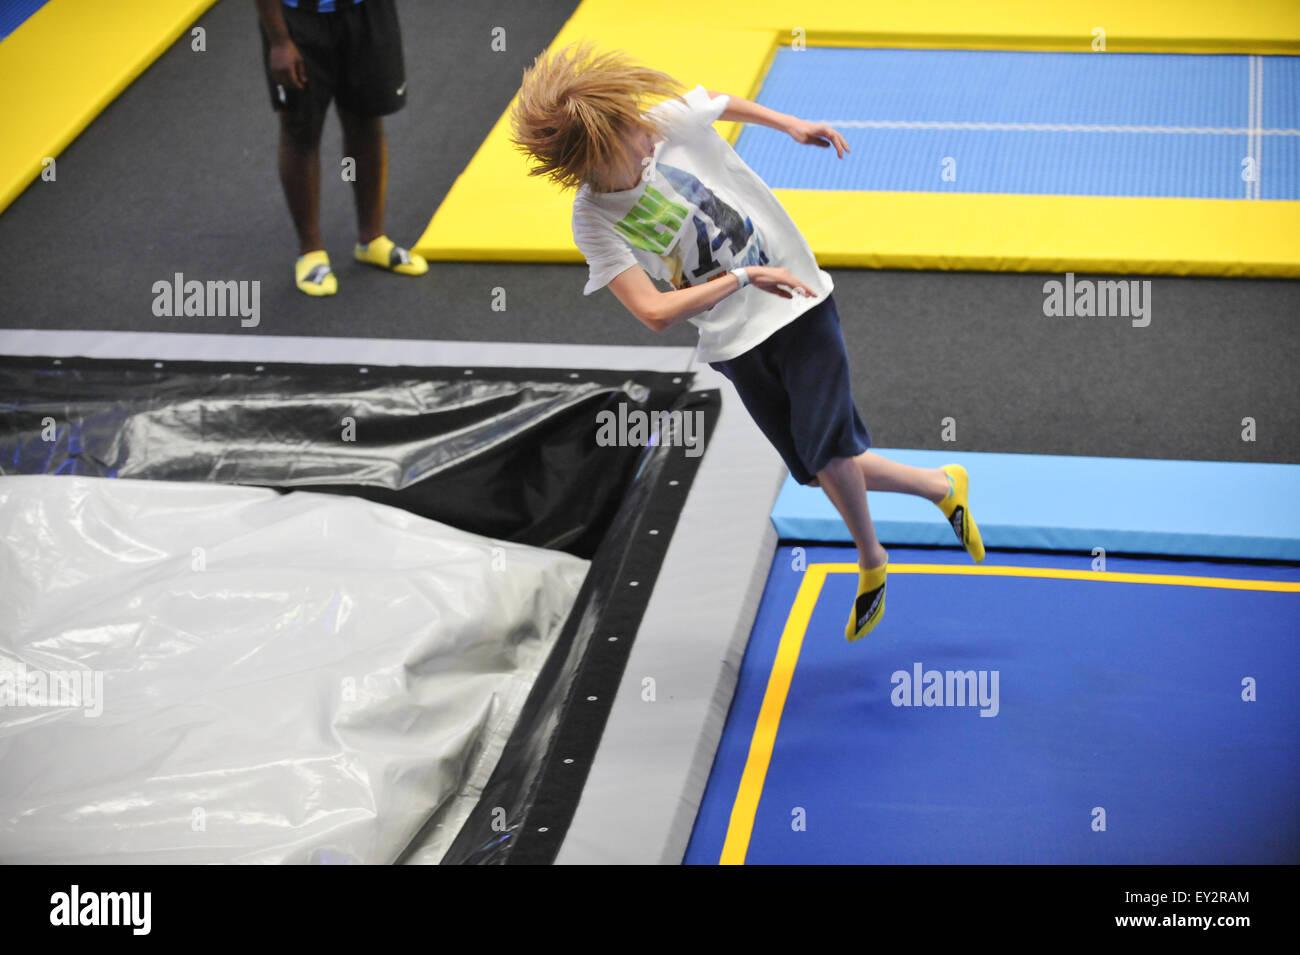 Il primo ossigeno trampolino Freejumping parco apre a Acton, West London, con una varietà di trampolini, attività Immagini Stock